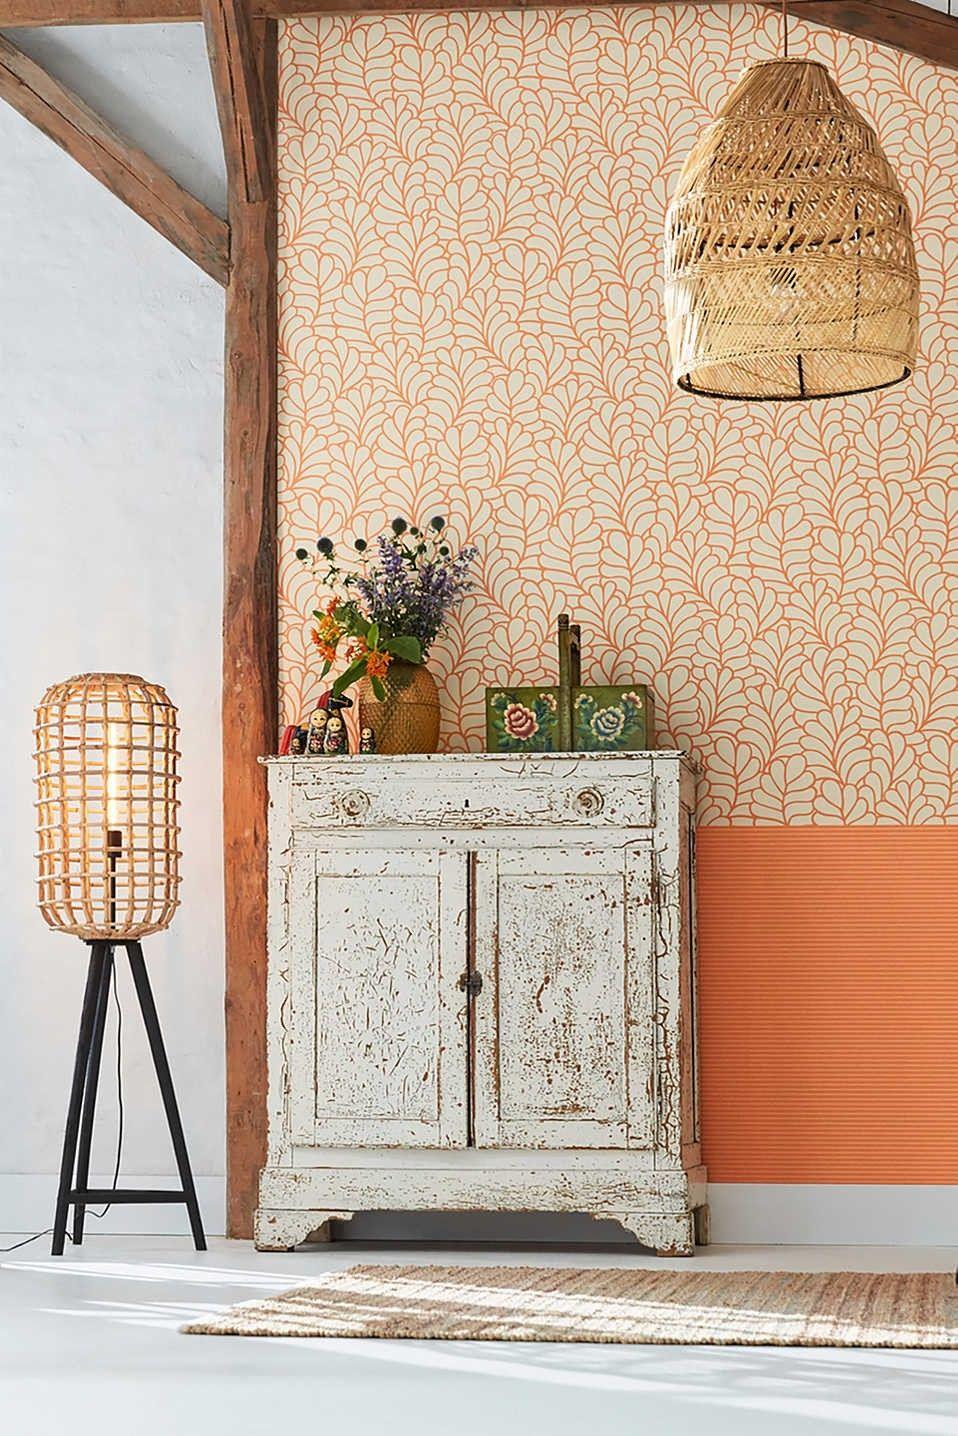 personnaliser et décorer son intérieur avec de petits objets et